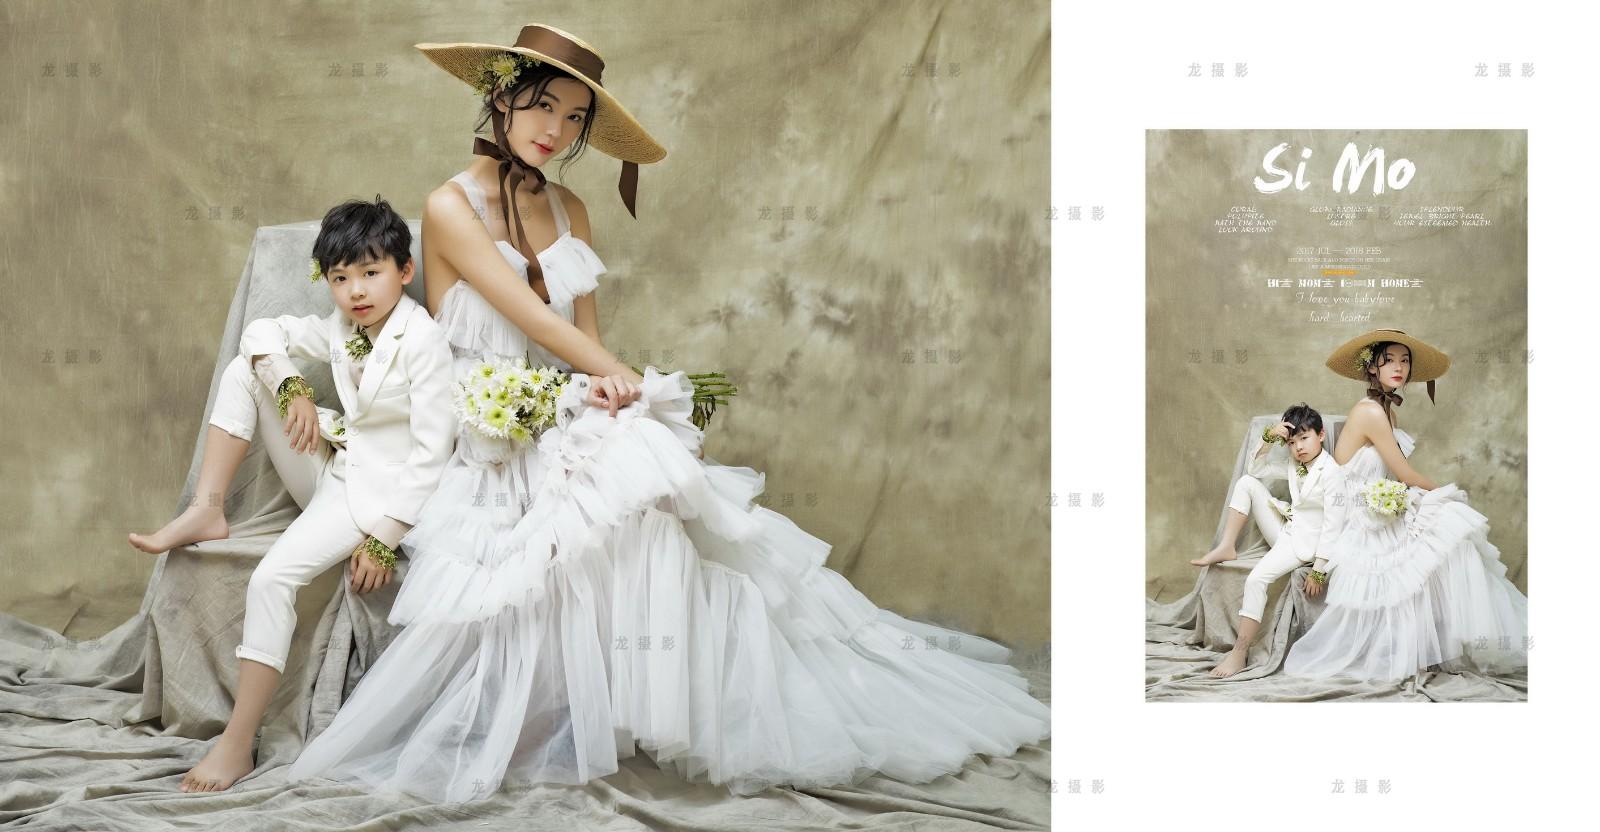 光芒系列|样片展示-朝阳尊爵龙摄影有限公司